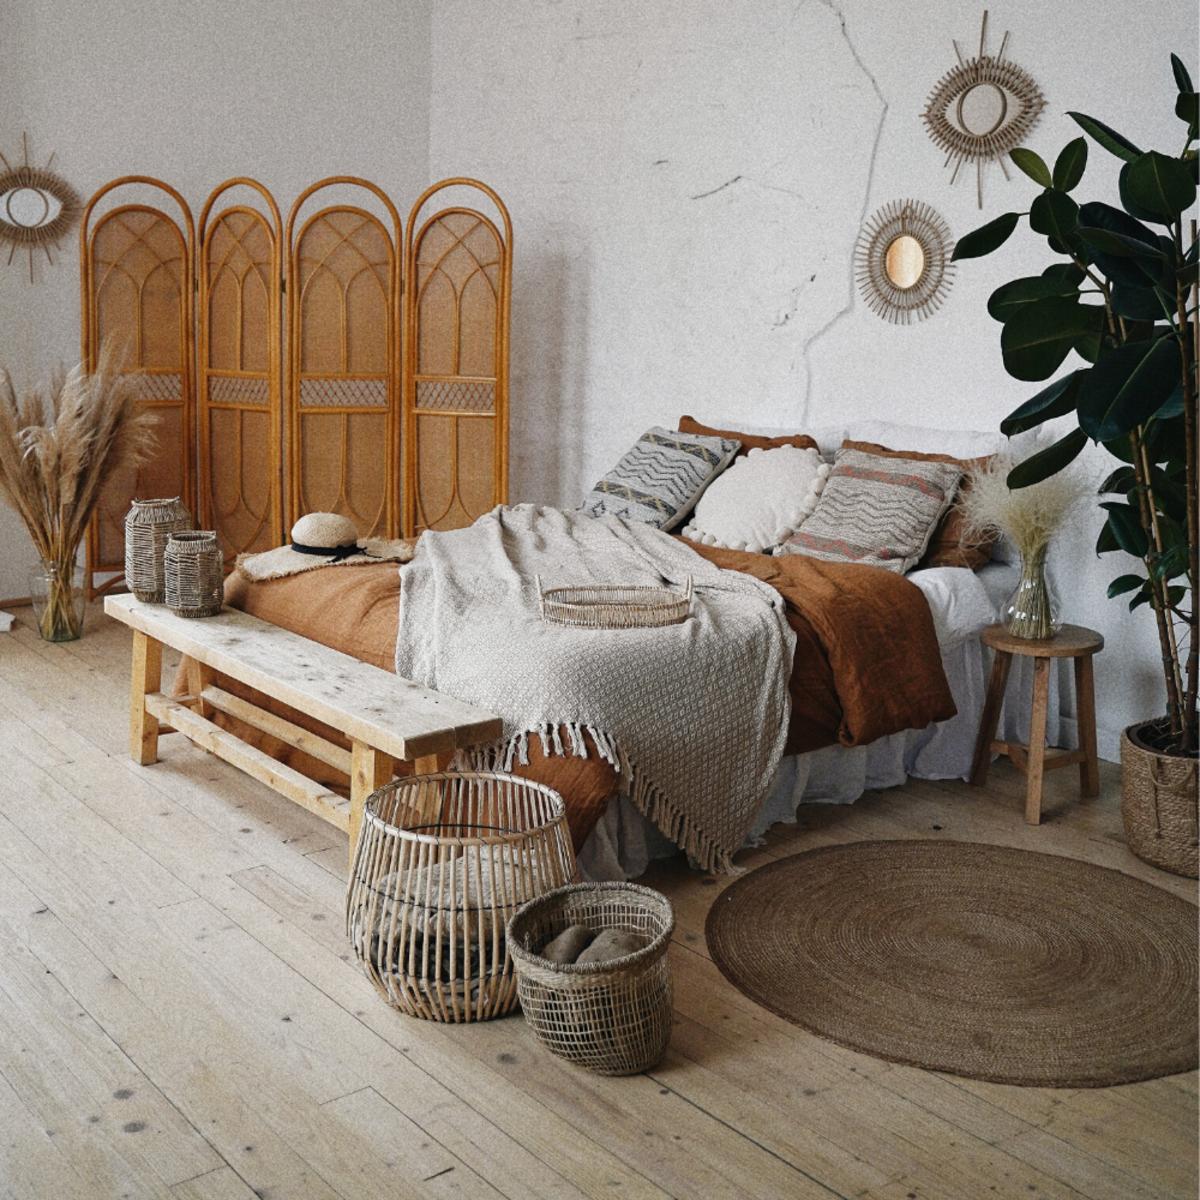 Top 10 Things Your Bedroom Needs Dengarden Home And Garden